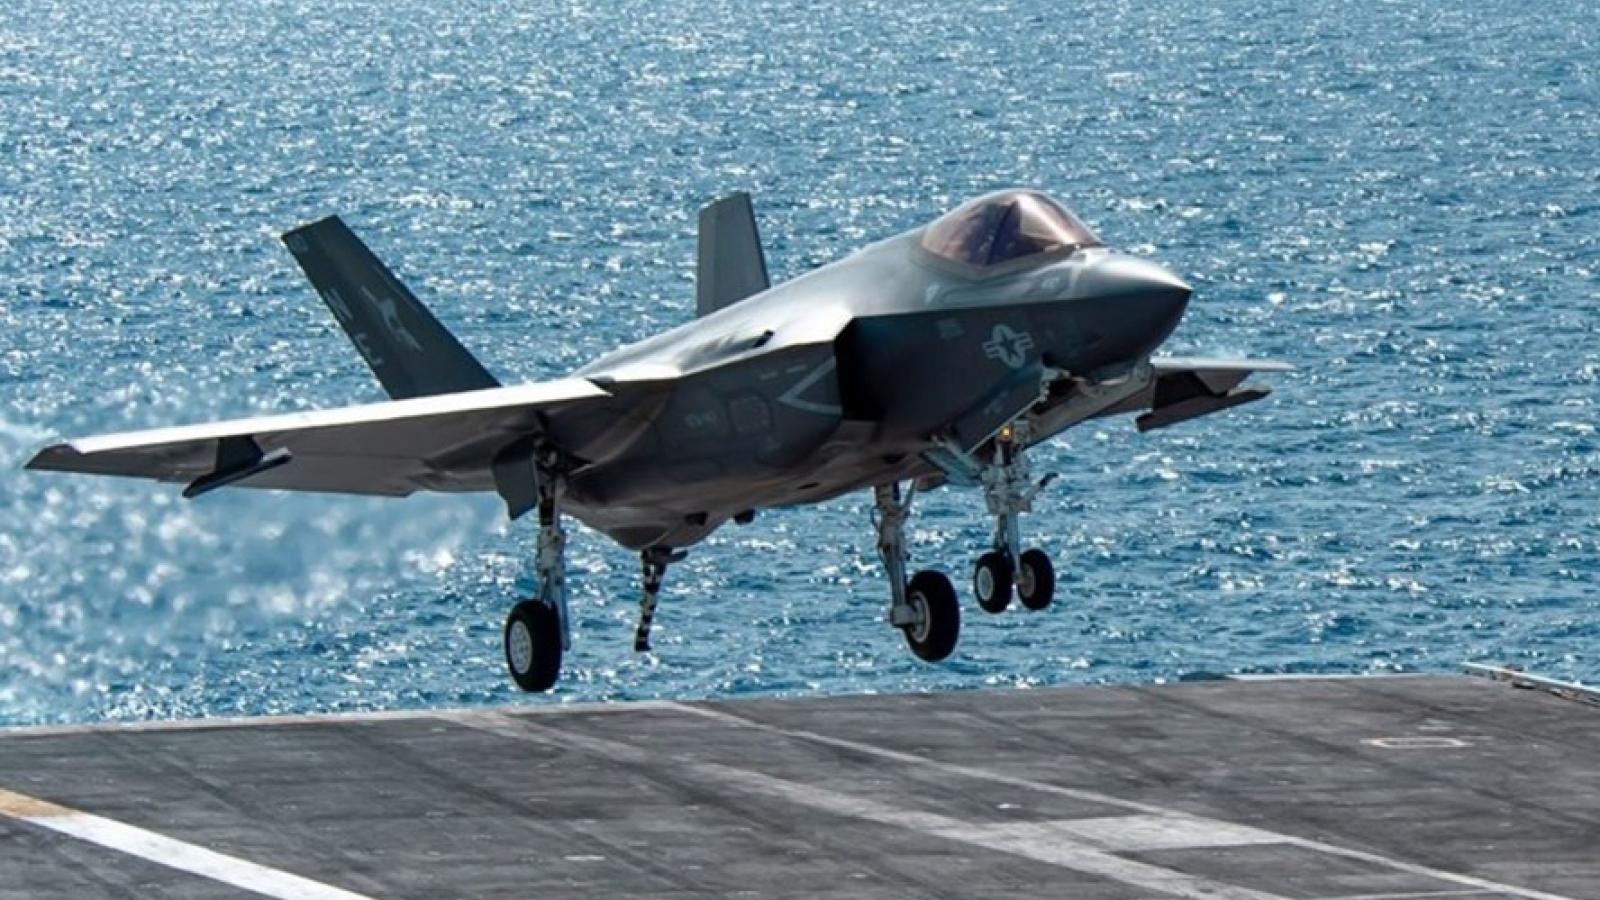 Cận cảnh hoạt động của tiêm kích tàng hình F-35C đầu tiên trên tàu sân bay Mỹ